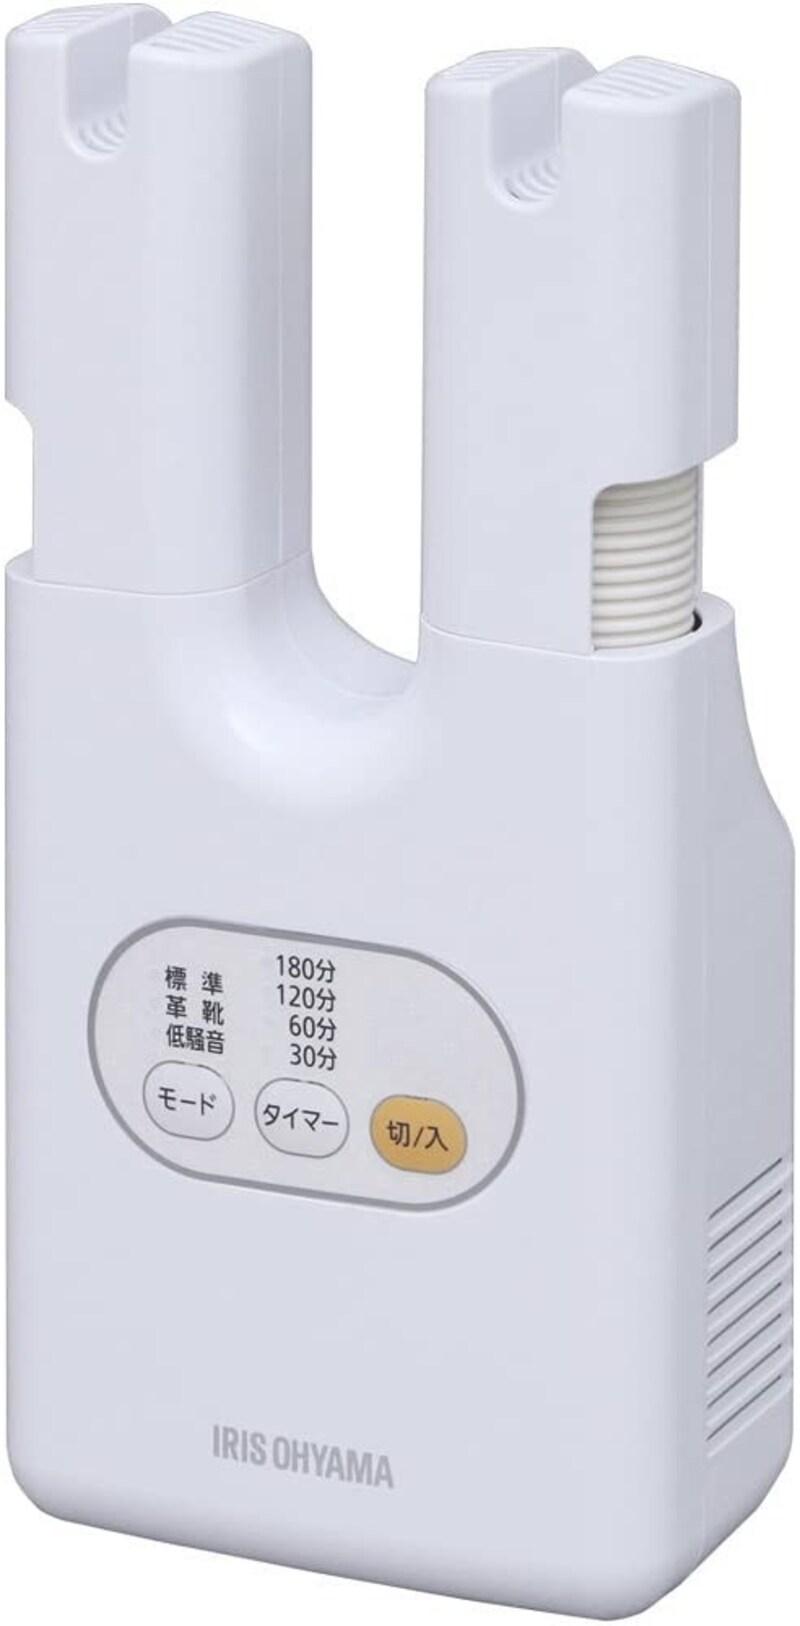 アイリスオーヤマ(IRIS OHYAMA),靴乾燥機 カラリエ,SD-C1-W